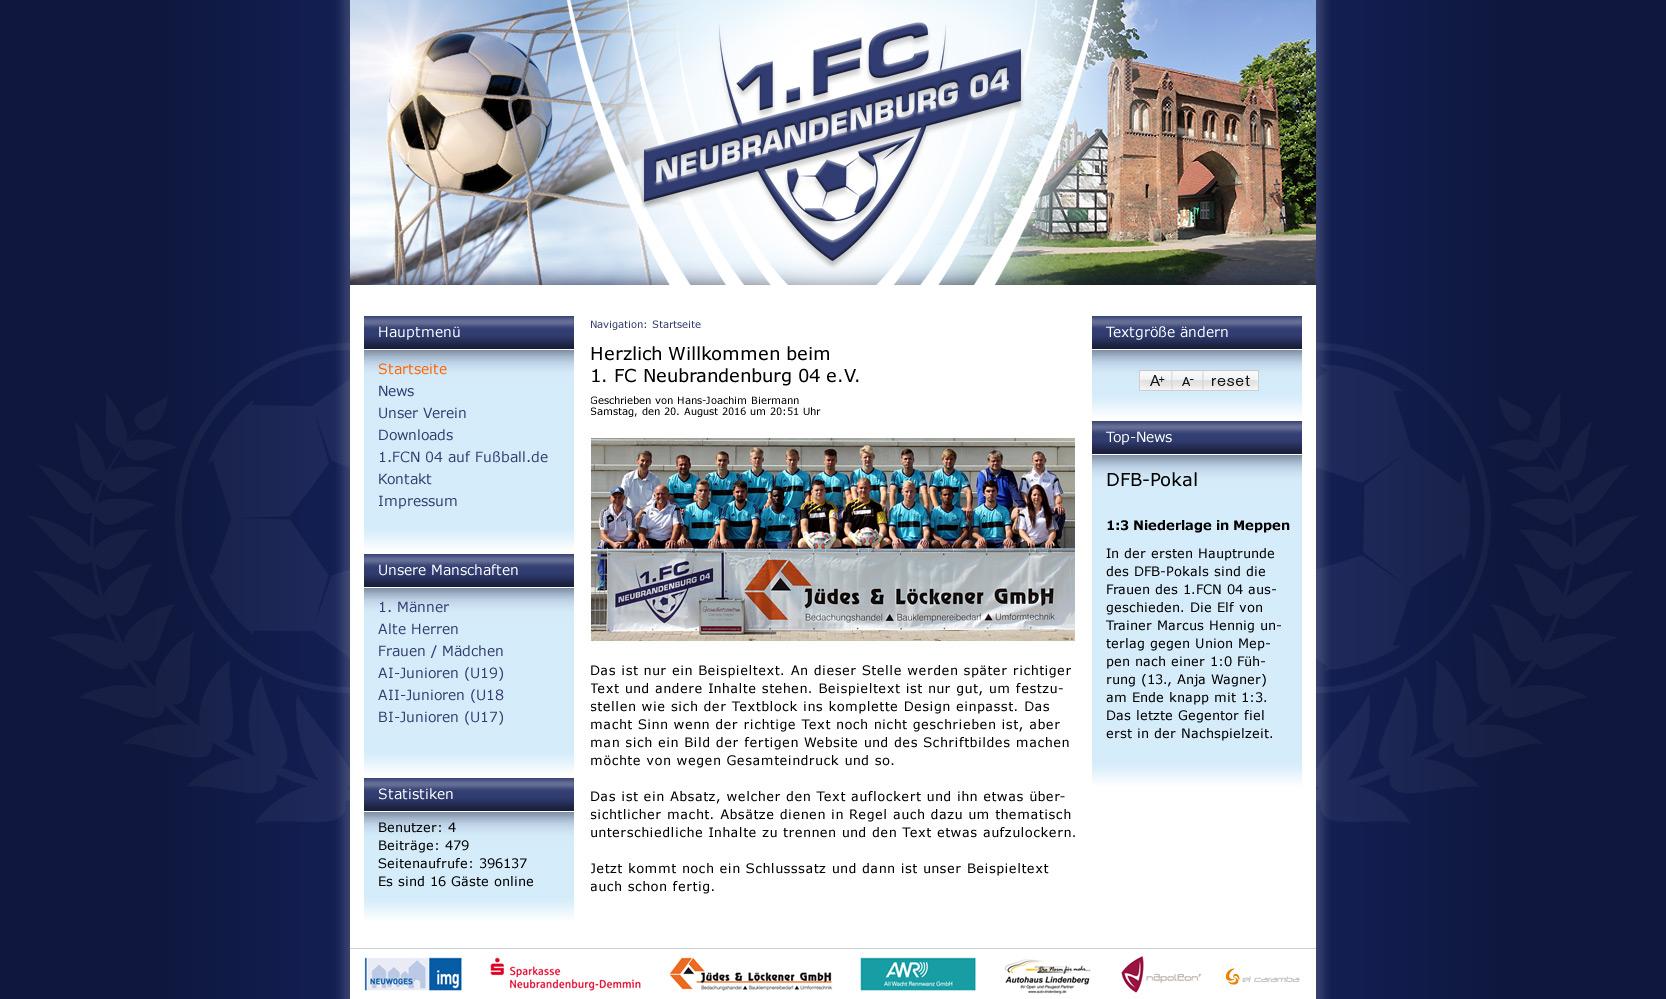 1.FC Neubrandenburg 04 e.V.